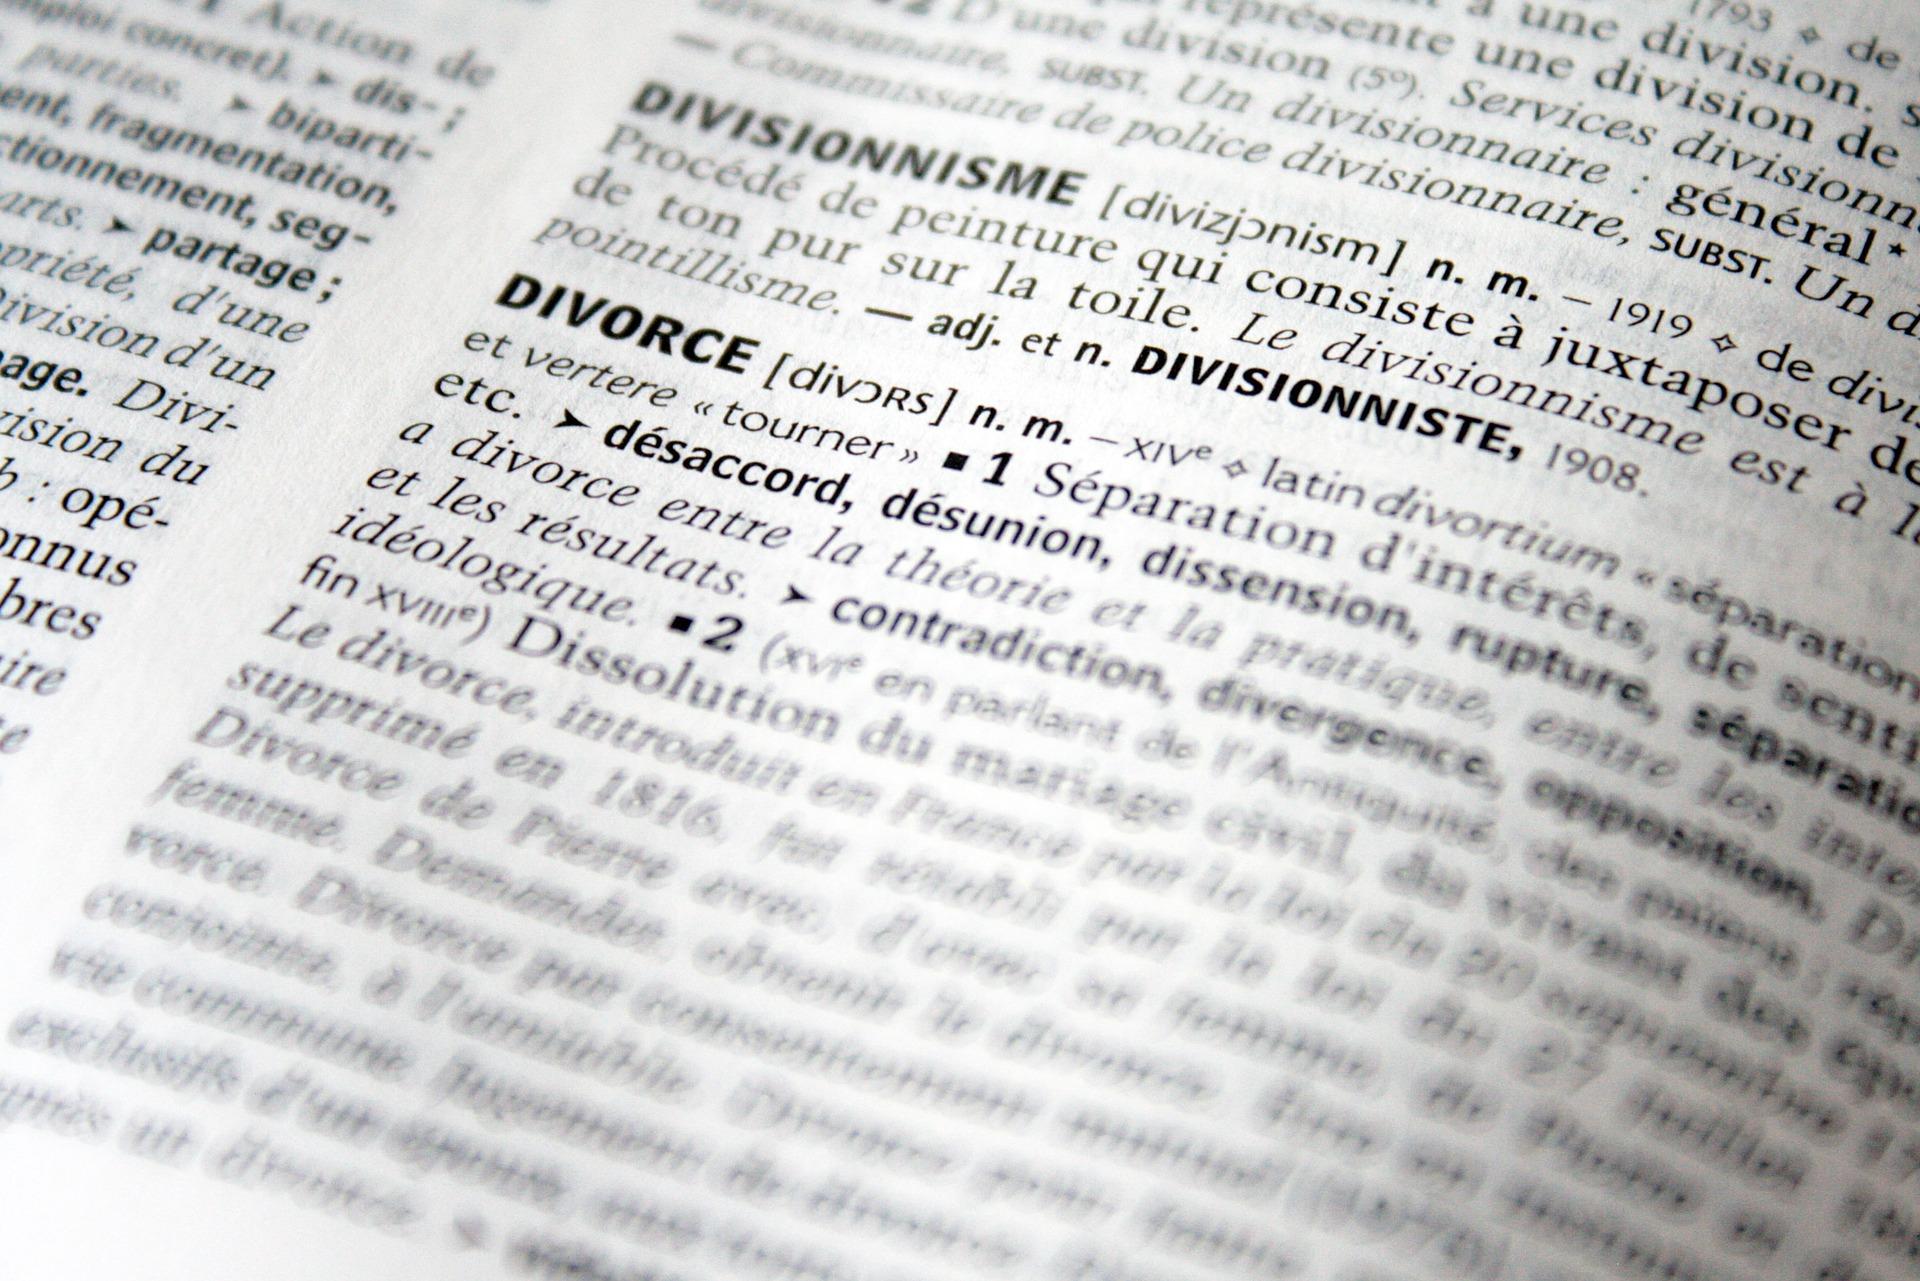 Appel du divorce : quel impact sur le devoir de secours ?